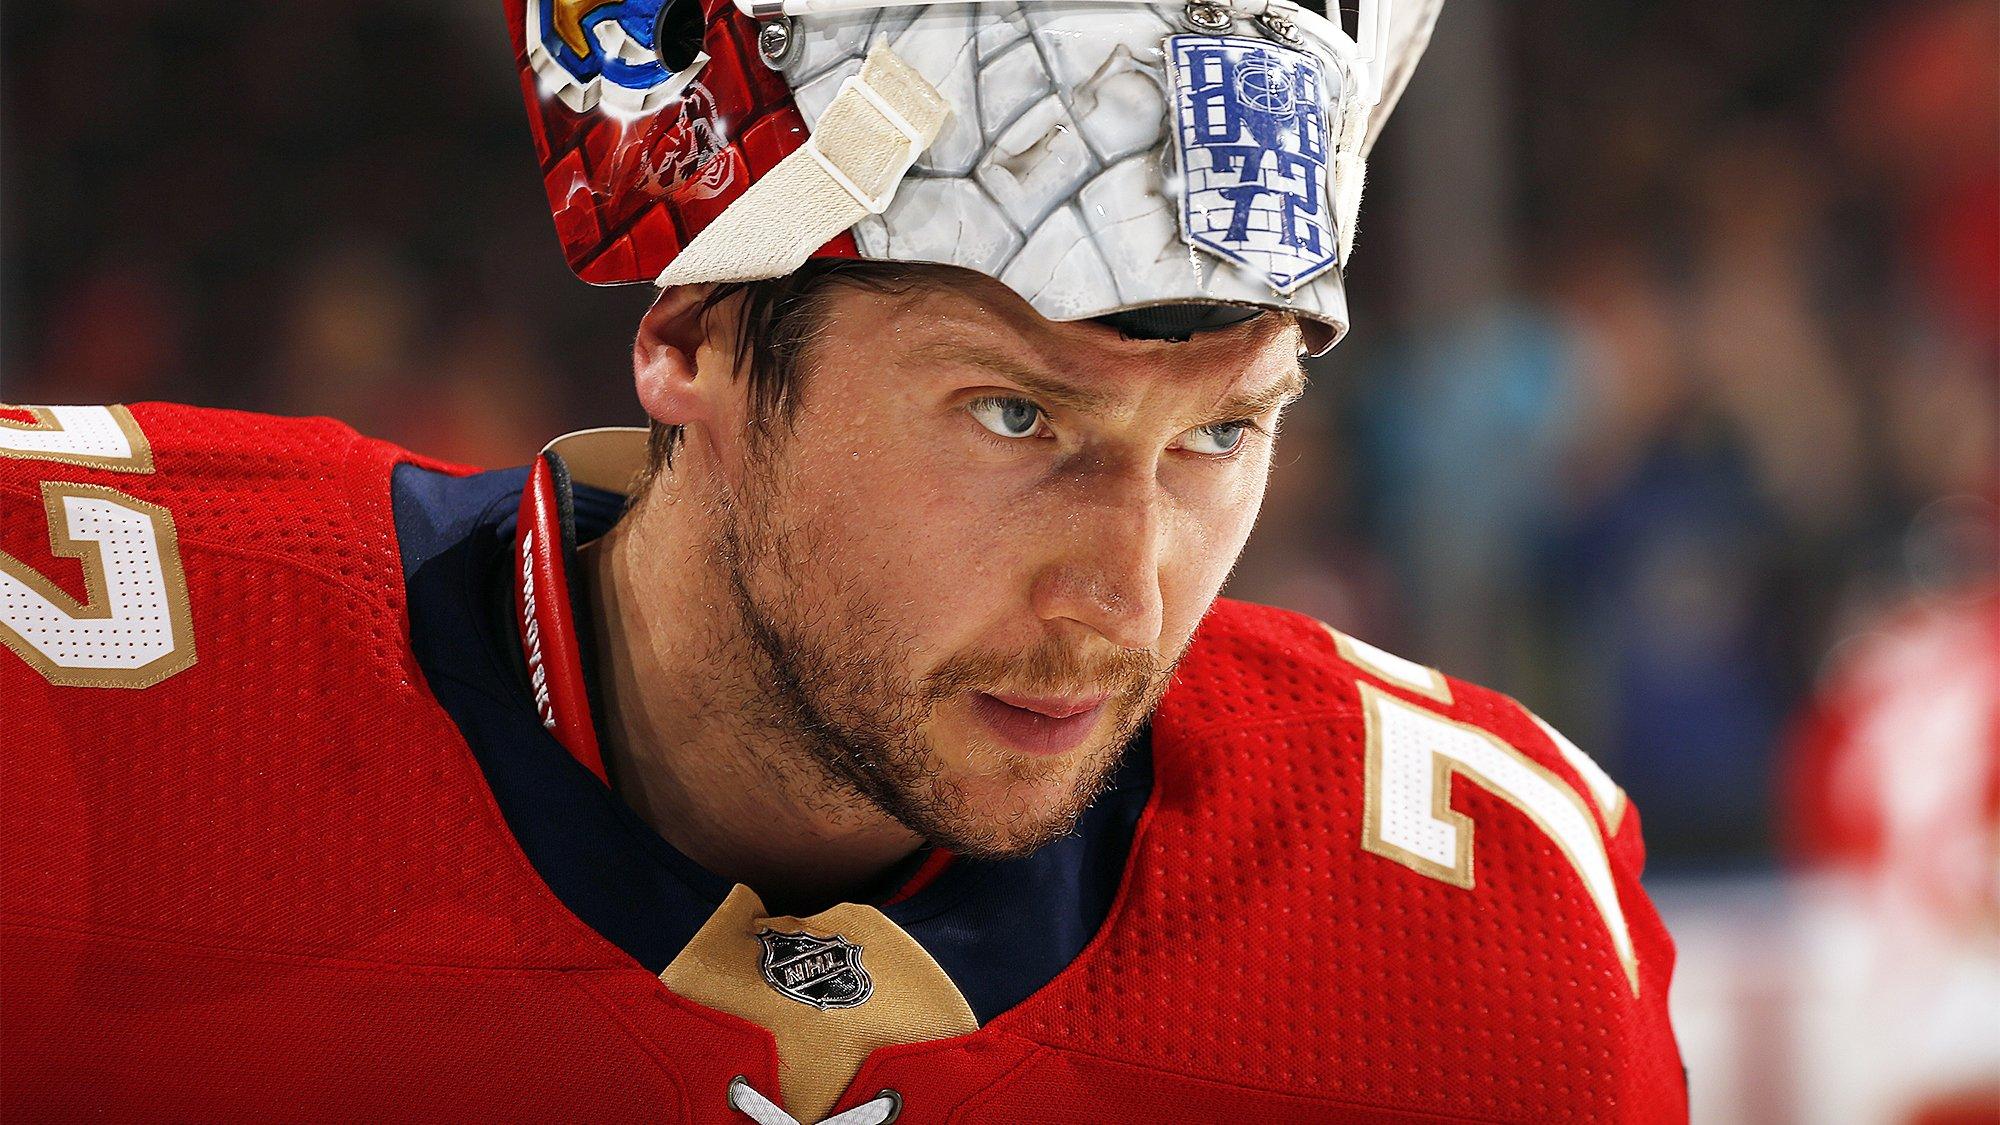 Контракт Бобровского вошёл в рейтинг худших в НХЛ